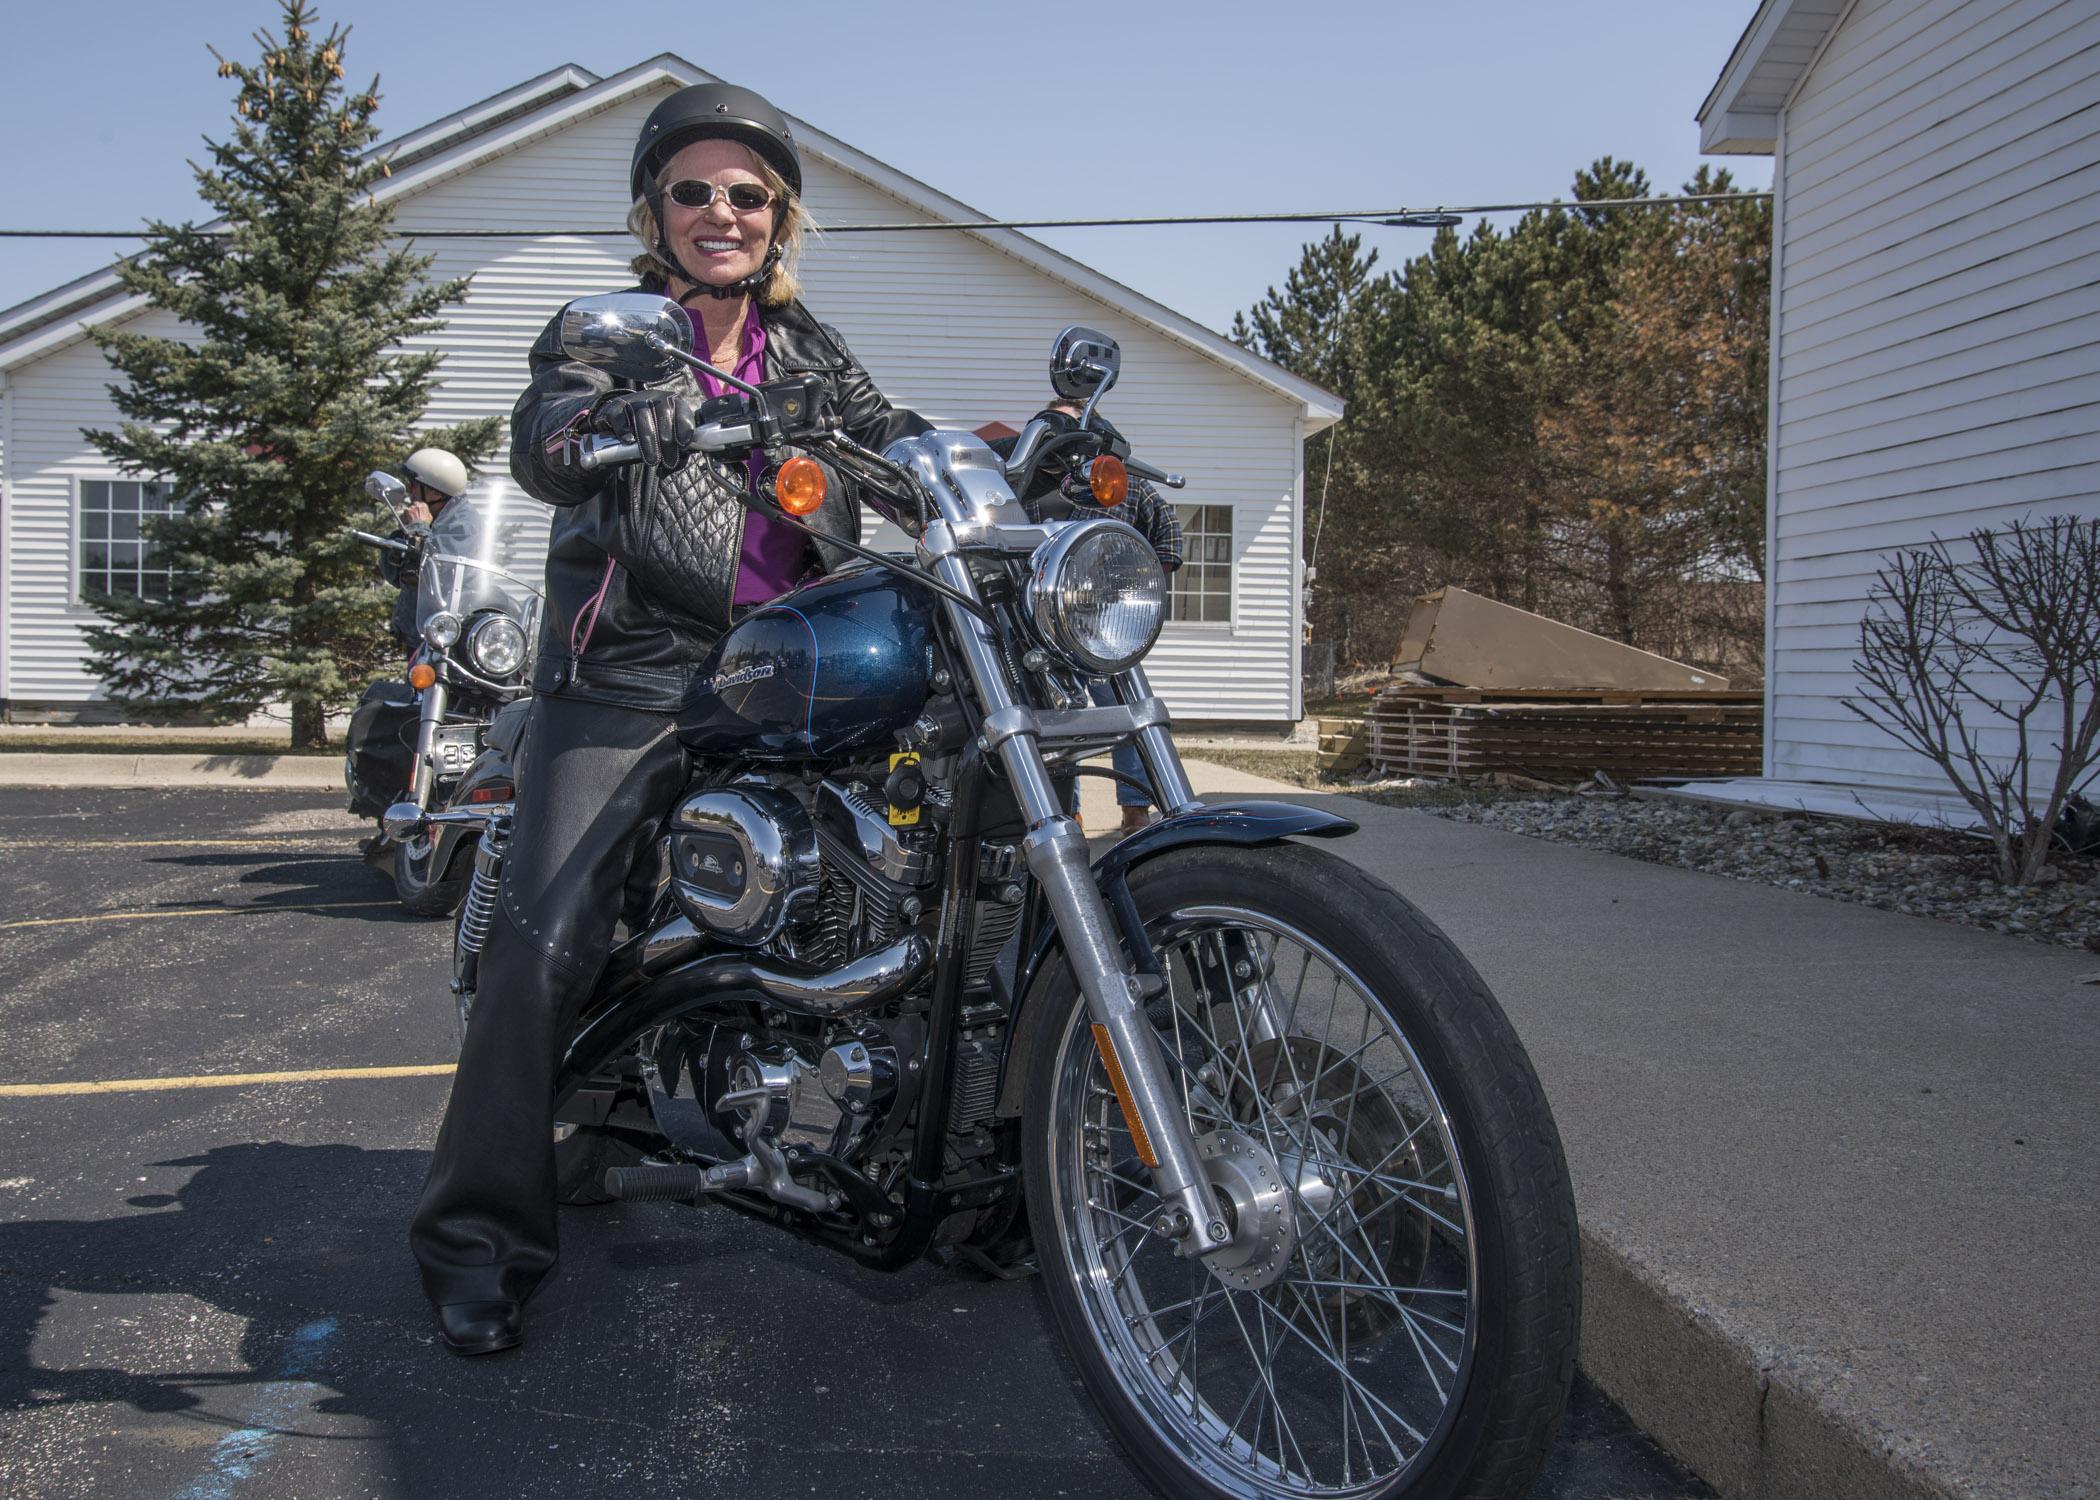 Ruth rides Harley Davidson. jpg